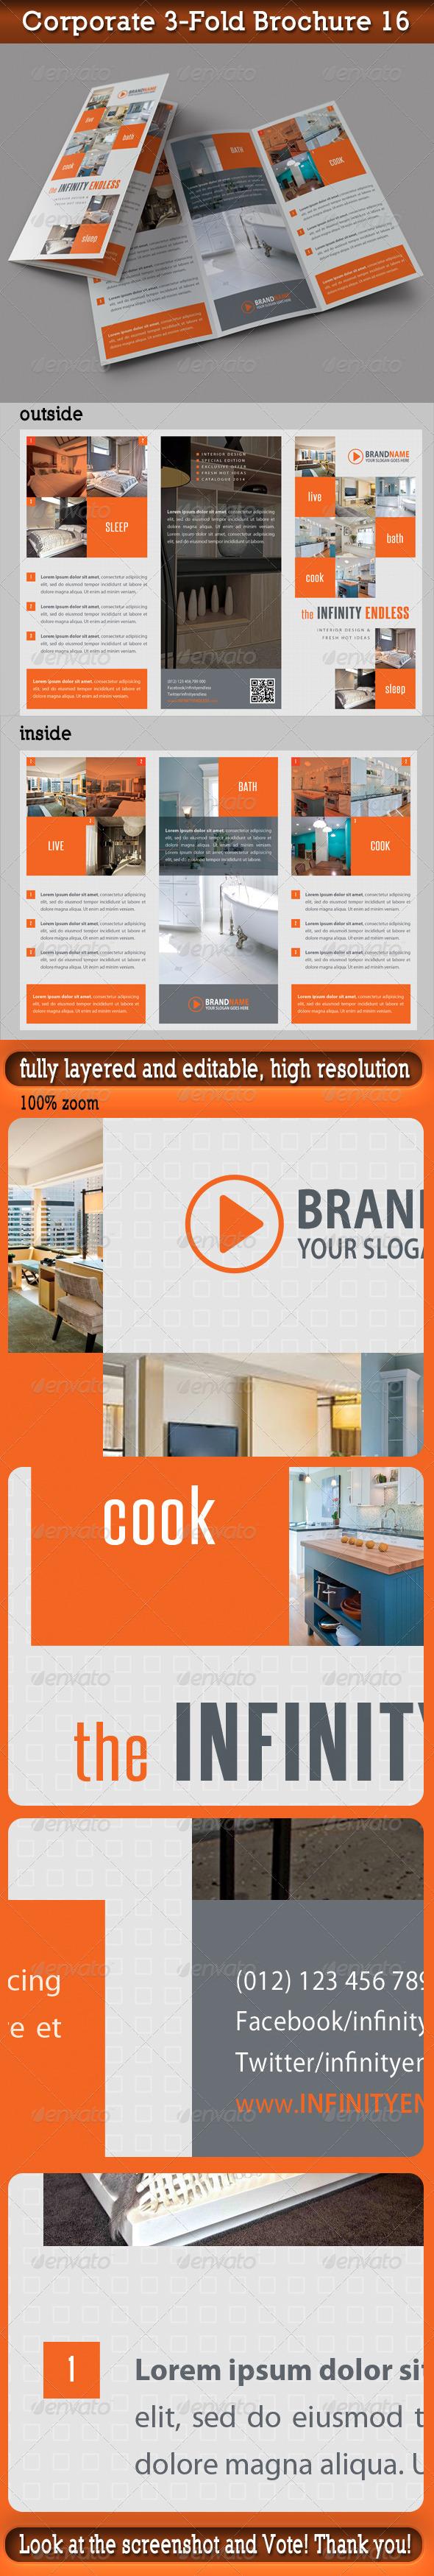 GraphicRiver Corporate 3-Fold Brochure 16 5645253